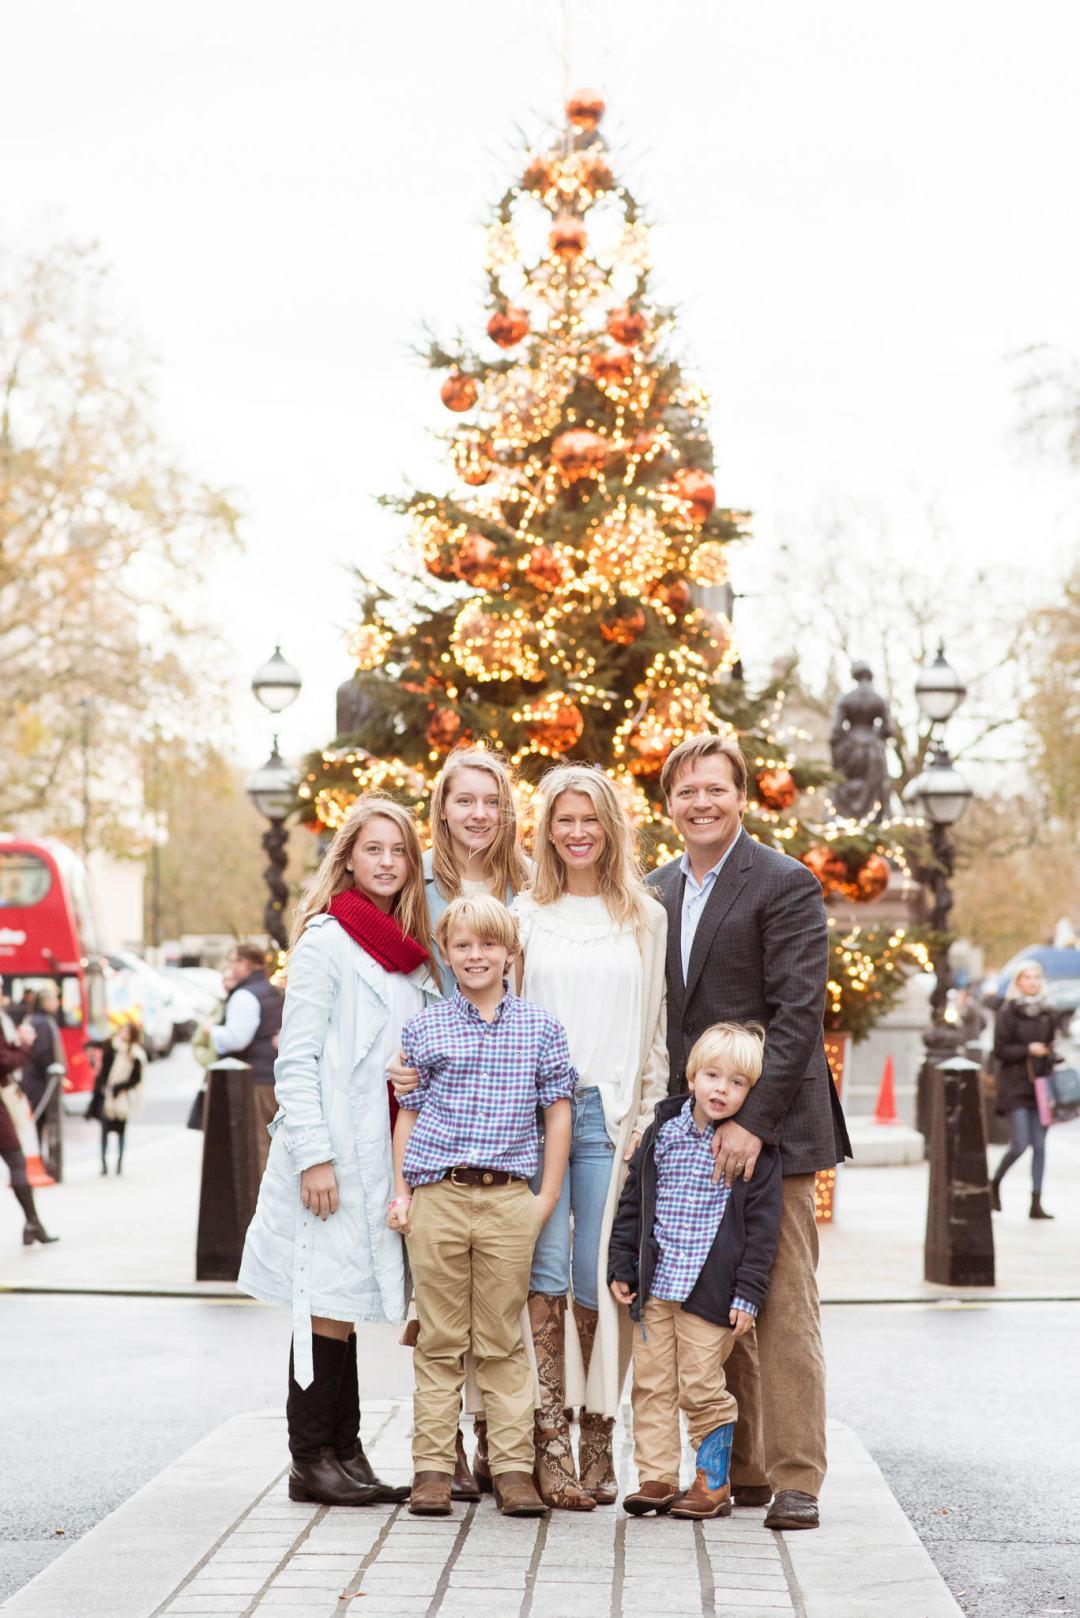 London christmas card photographer